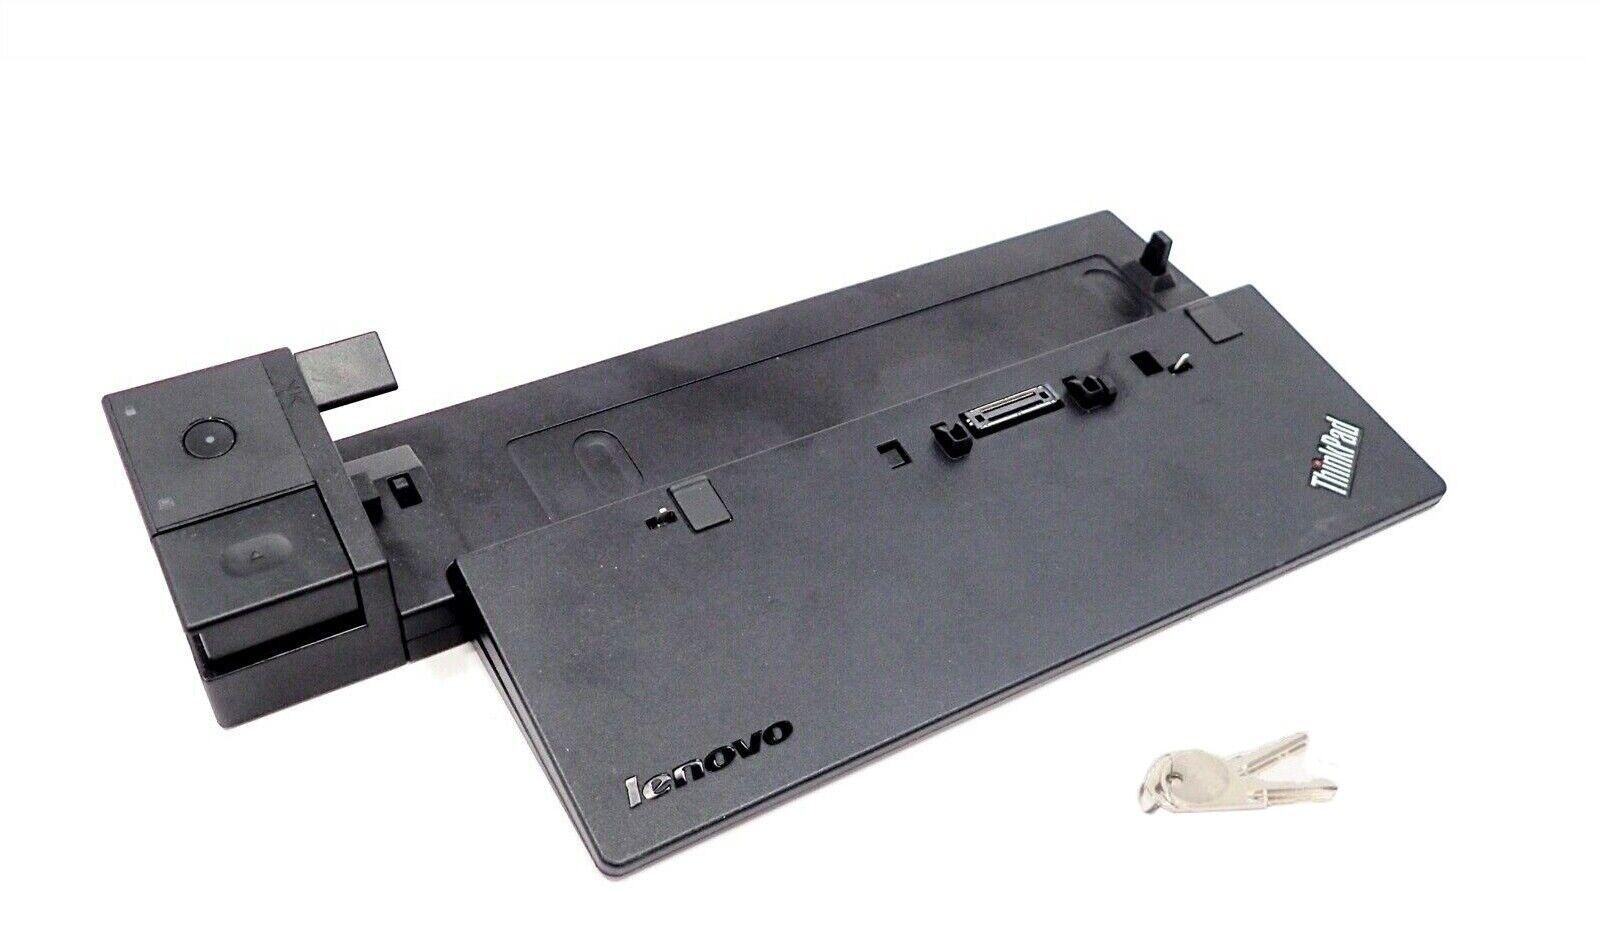 Lenovo Thinkpad 40A2 Ultra USB 3.0 Dock Station w//Key T440 T540 X240 L640 T460